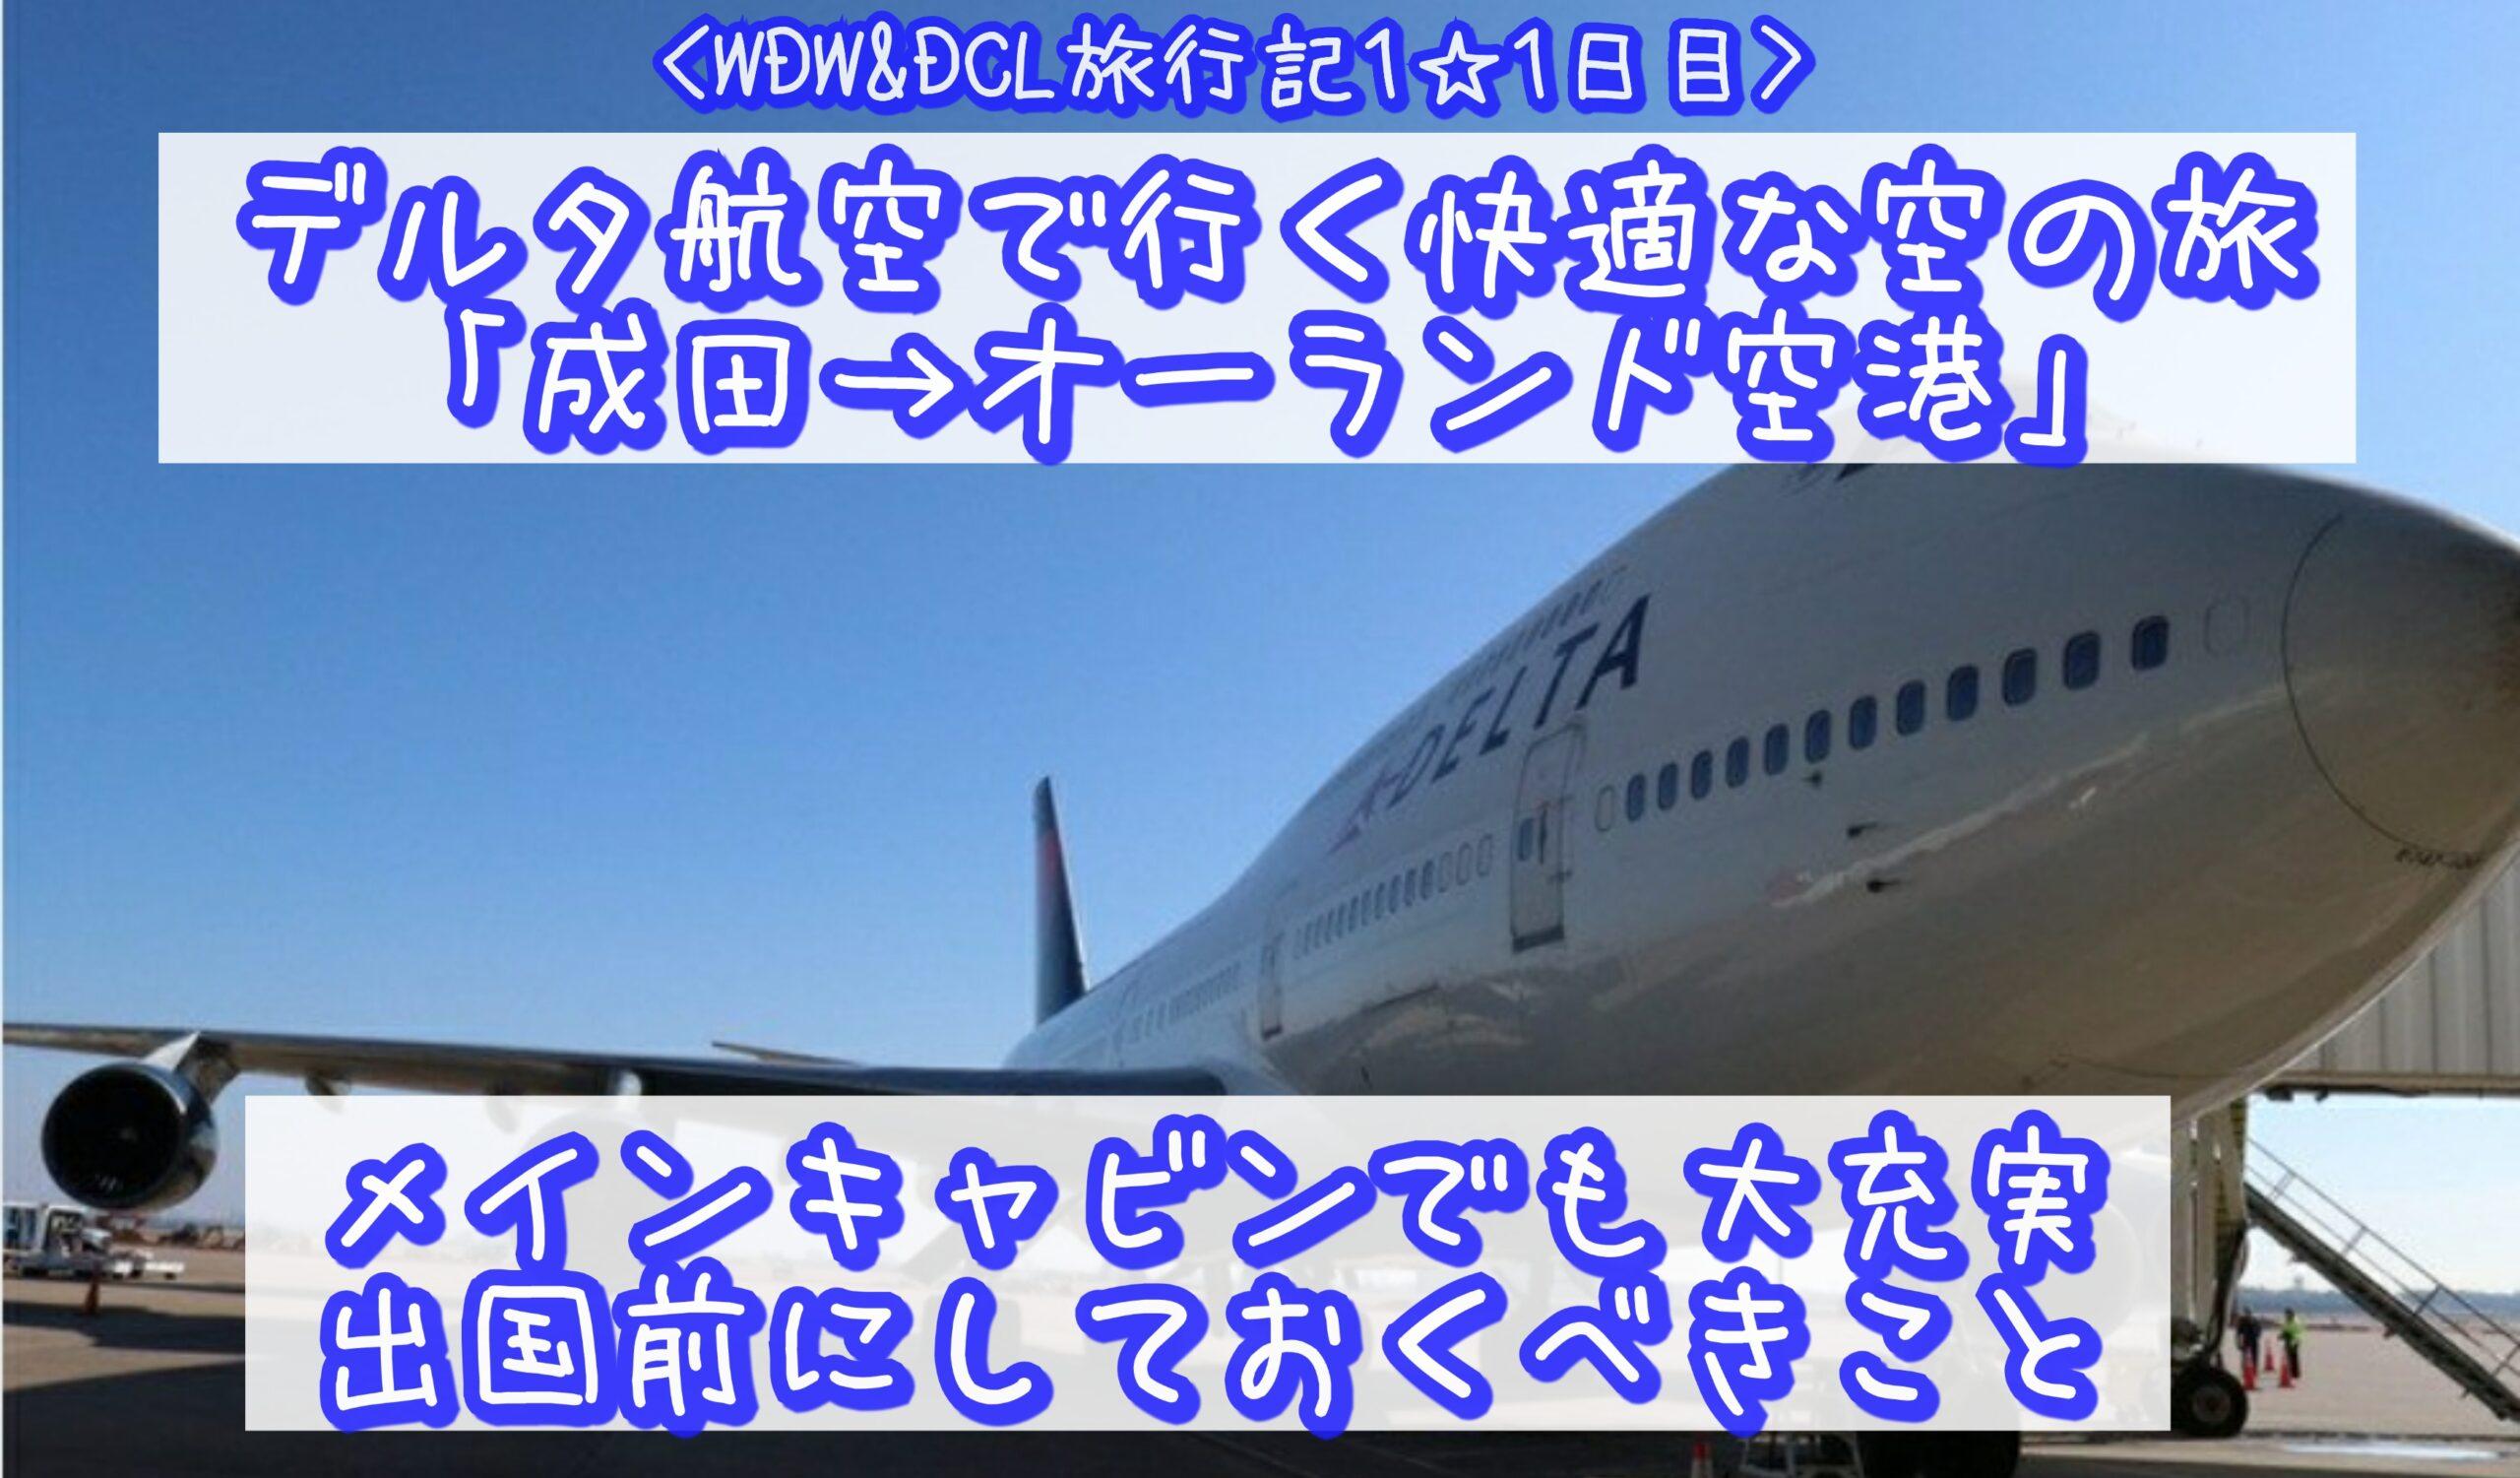 【WDW&DCL】デルタ航空で行く快適な空の旅「成田→オーランド空港」メインキャビンでも大充実 出国前にしておくべきこと